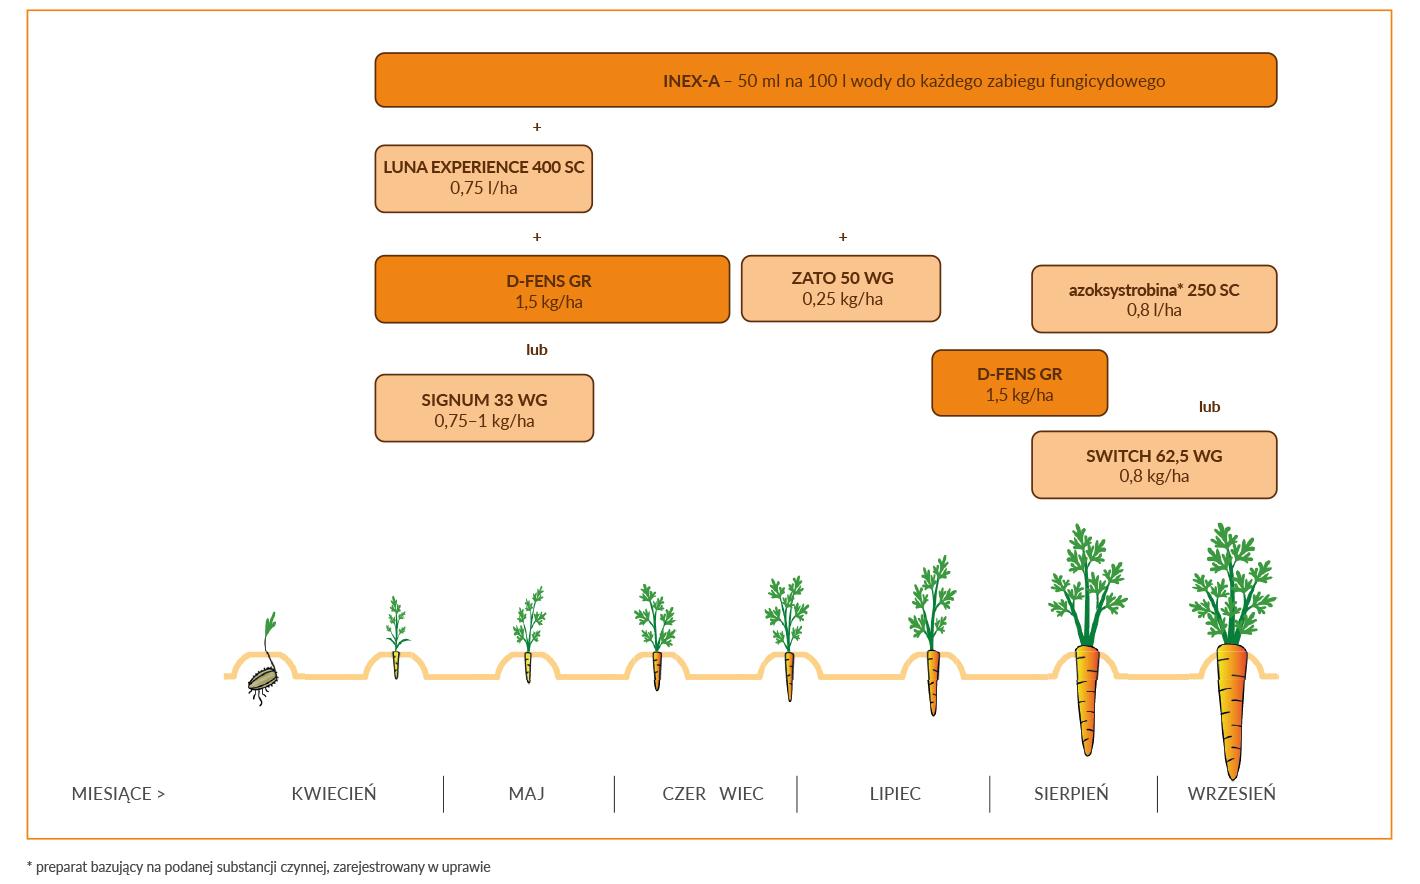 Marchew _ Zabezpieczenie fungicydowe